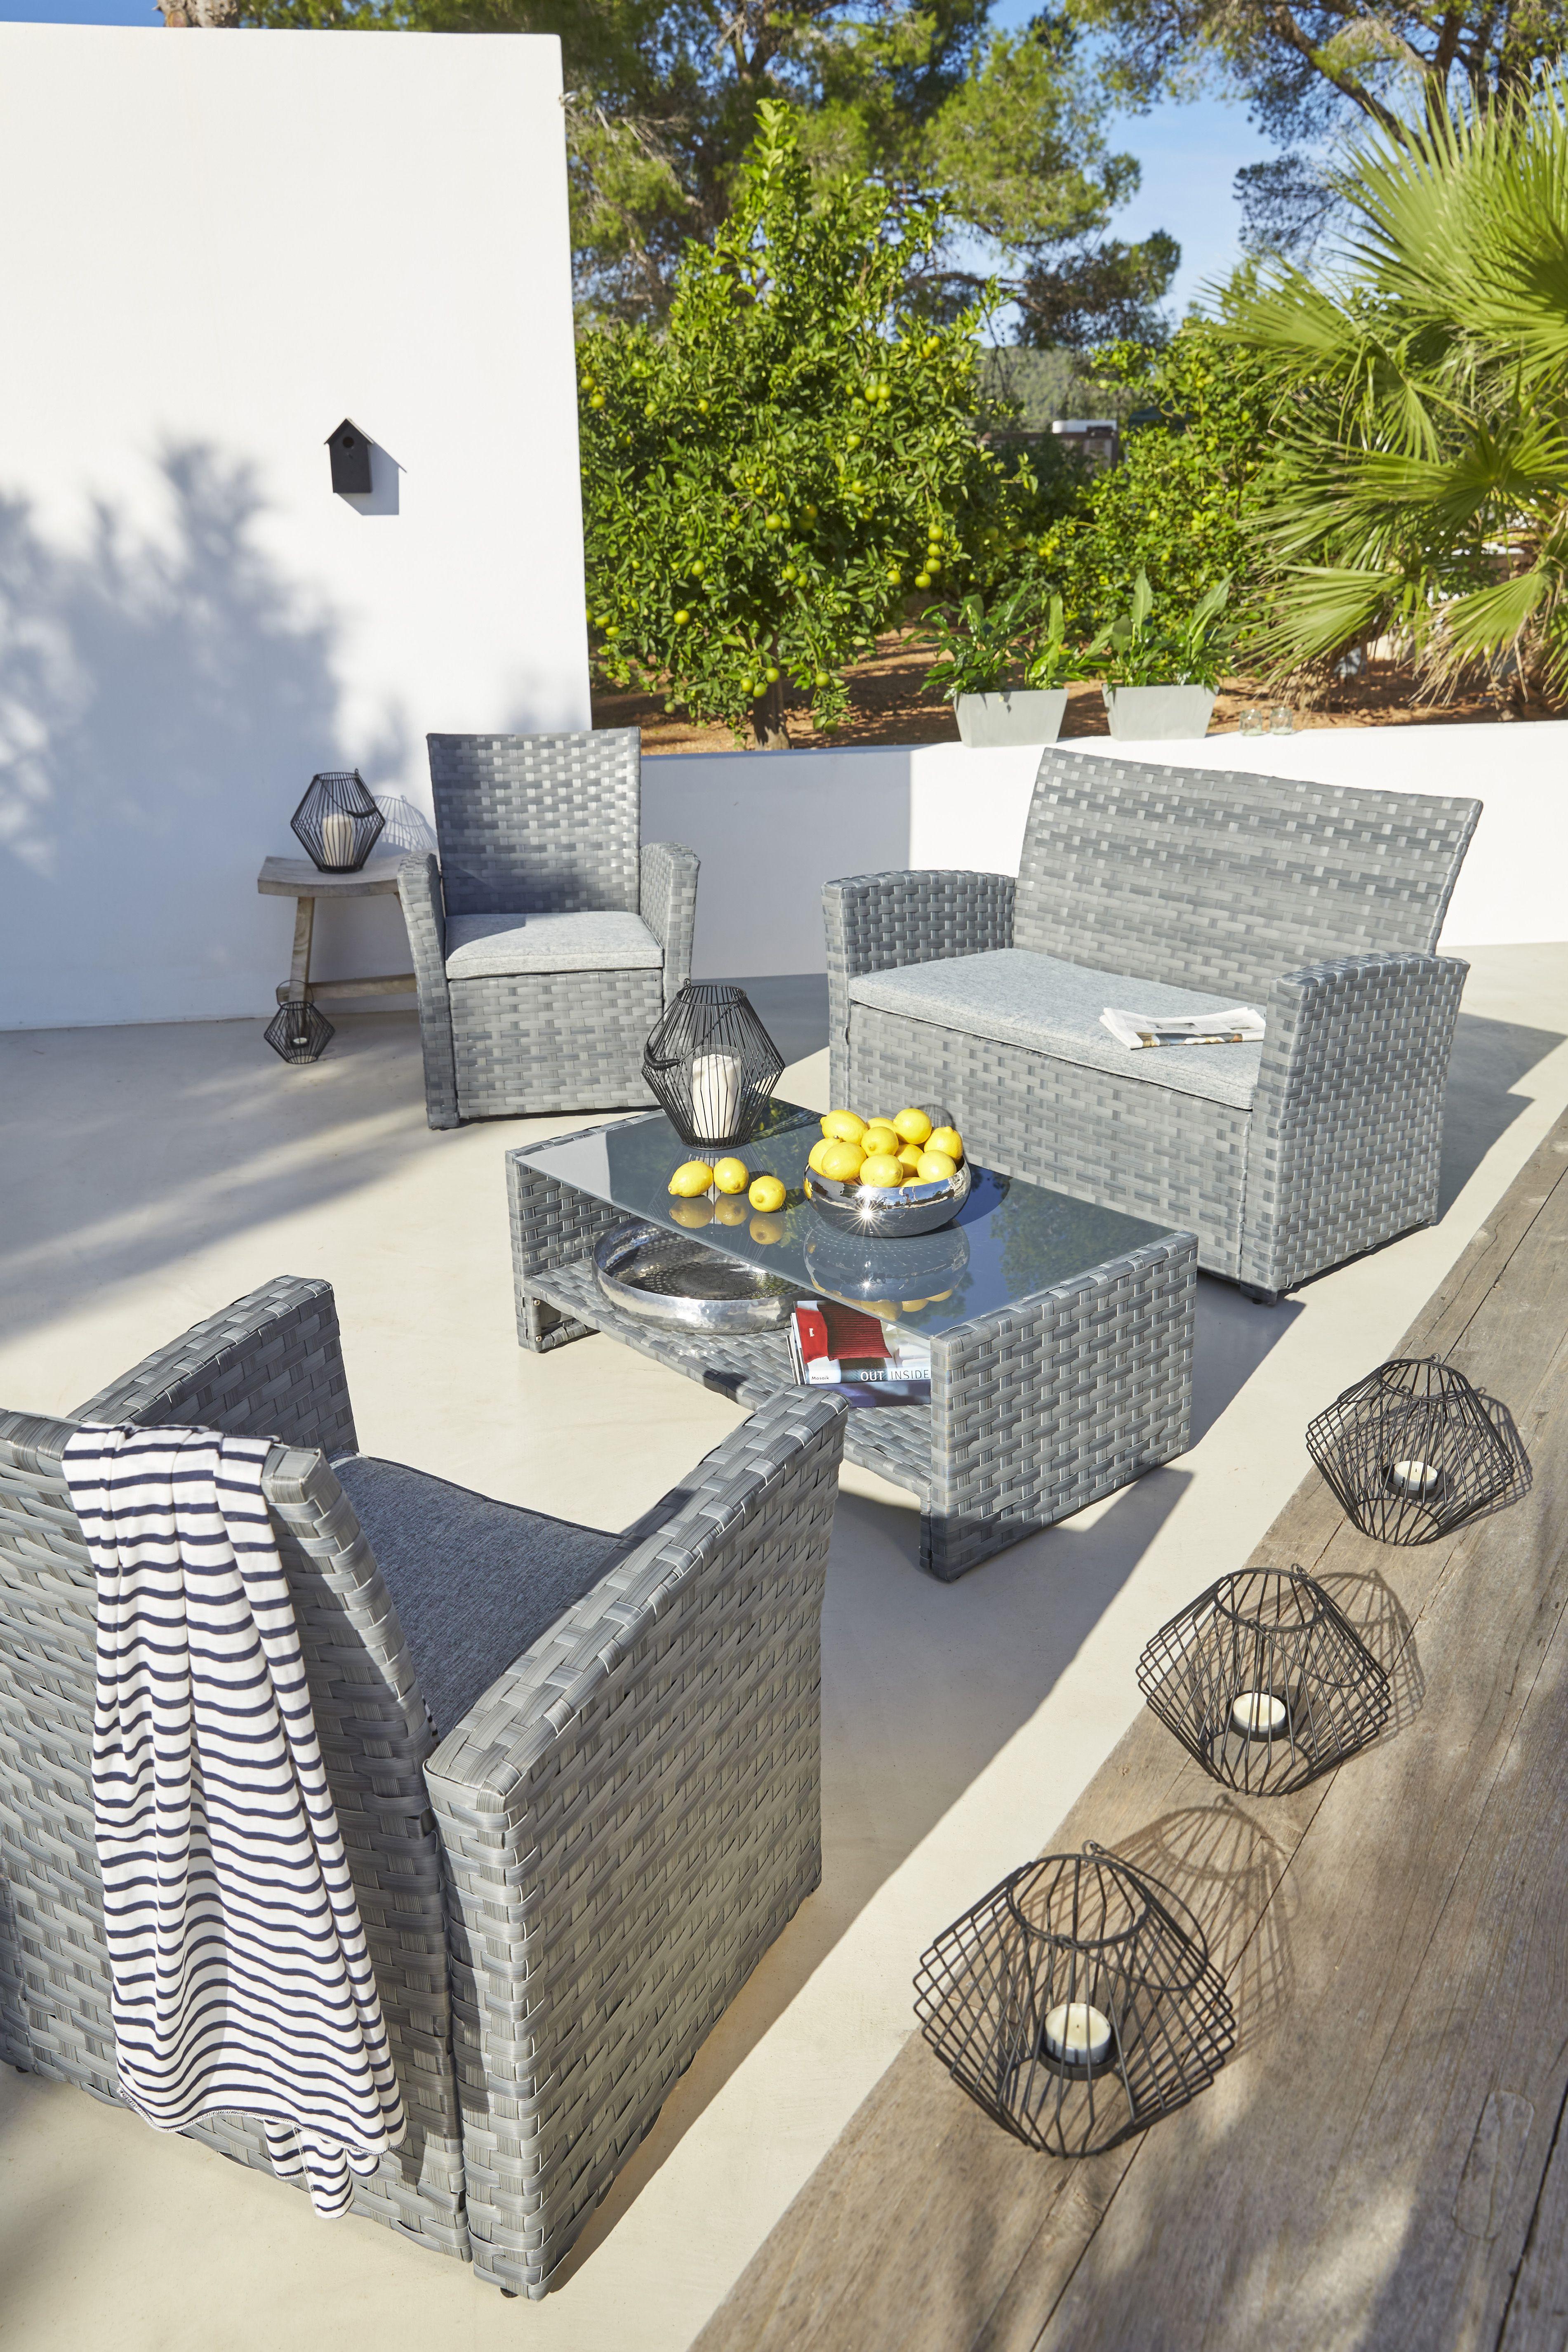 Vos Courses En Ligne Drive Livraison A Domicile Avec Mobilier Jardin Ambiance Jardin Table Basse